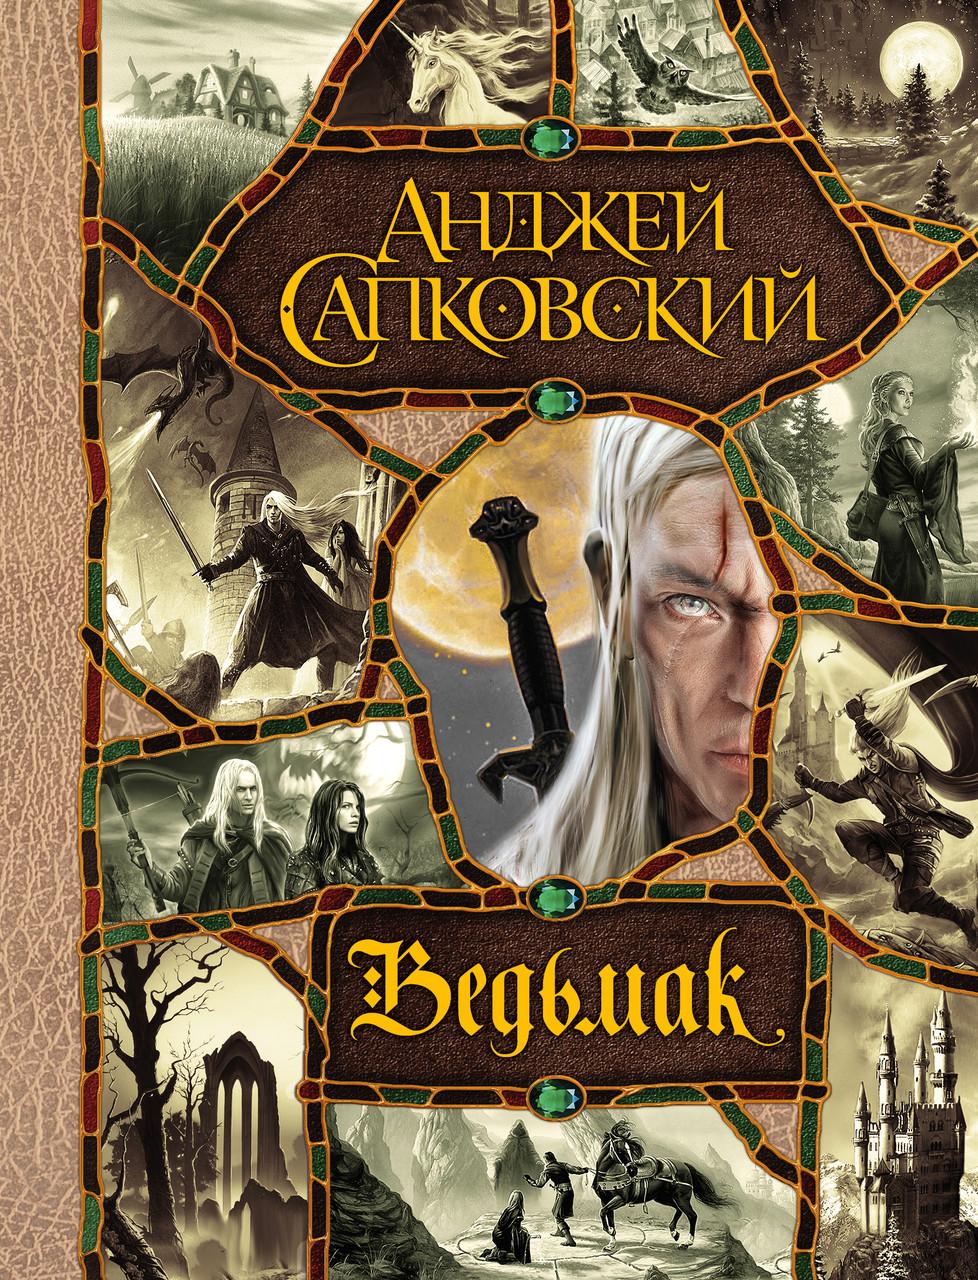 Сапковский Анджей. Ведьмак (гигант) сборник